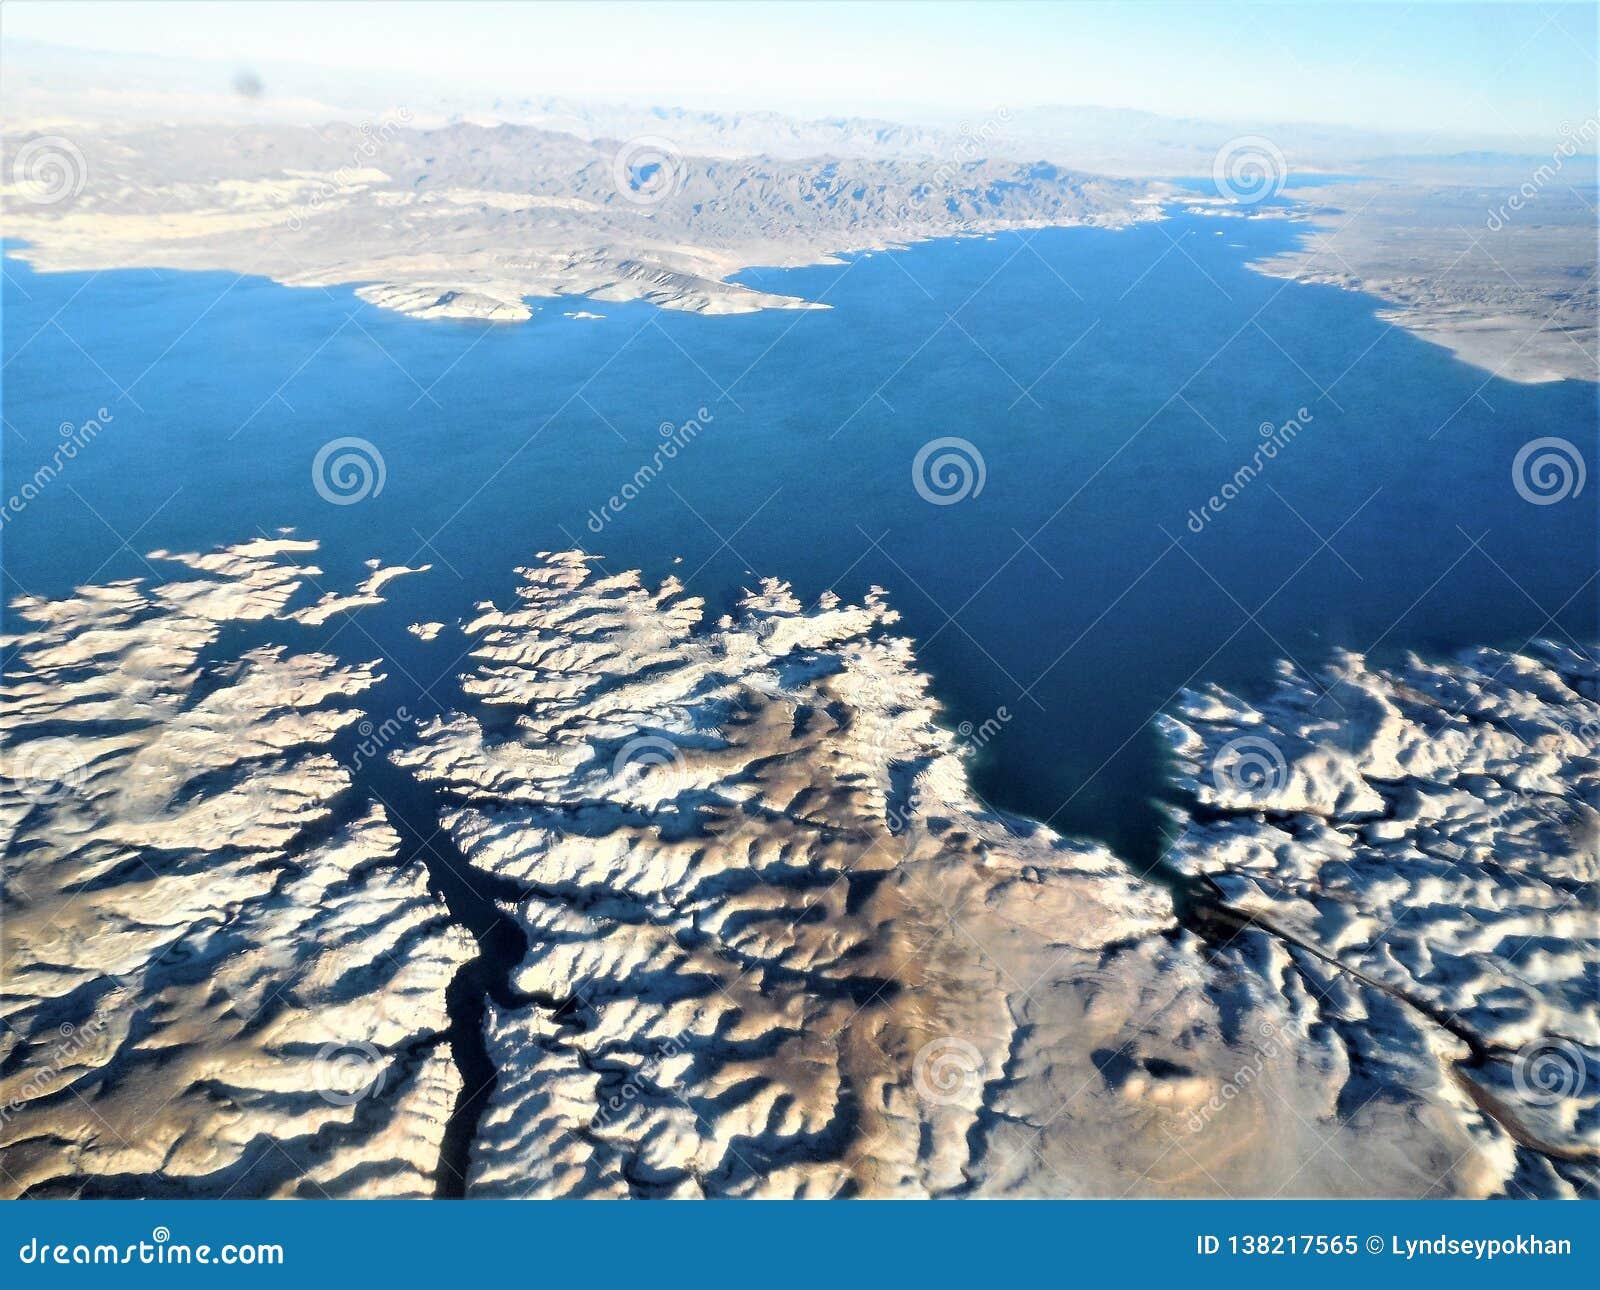 飞行的鸟瞰图向大峡谷